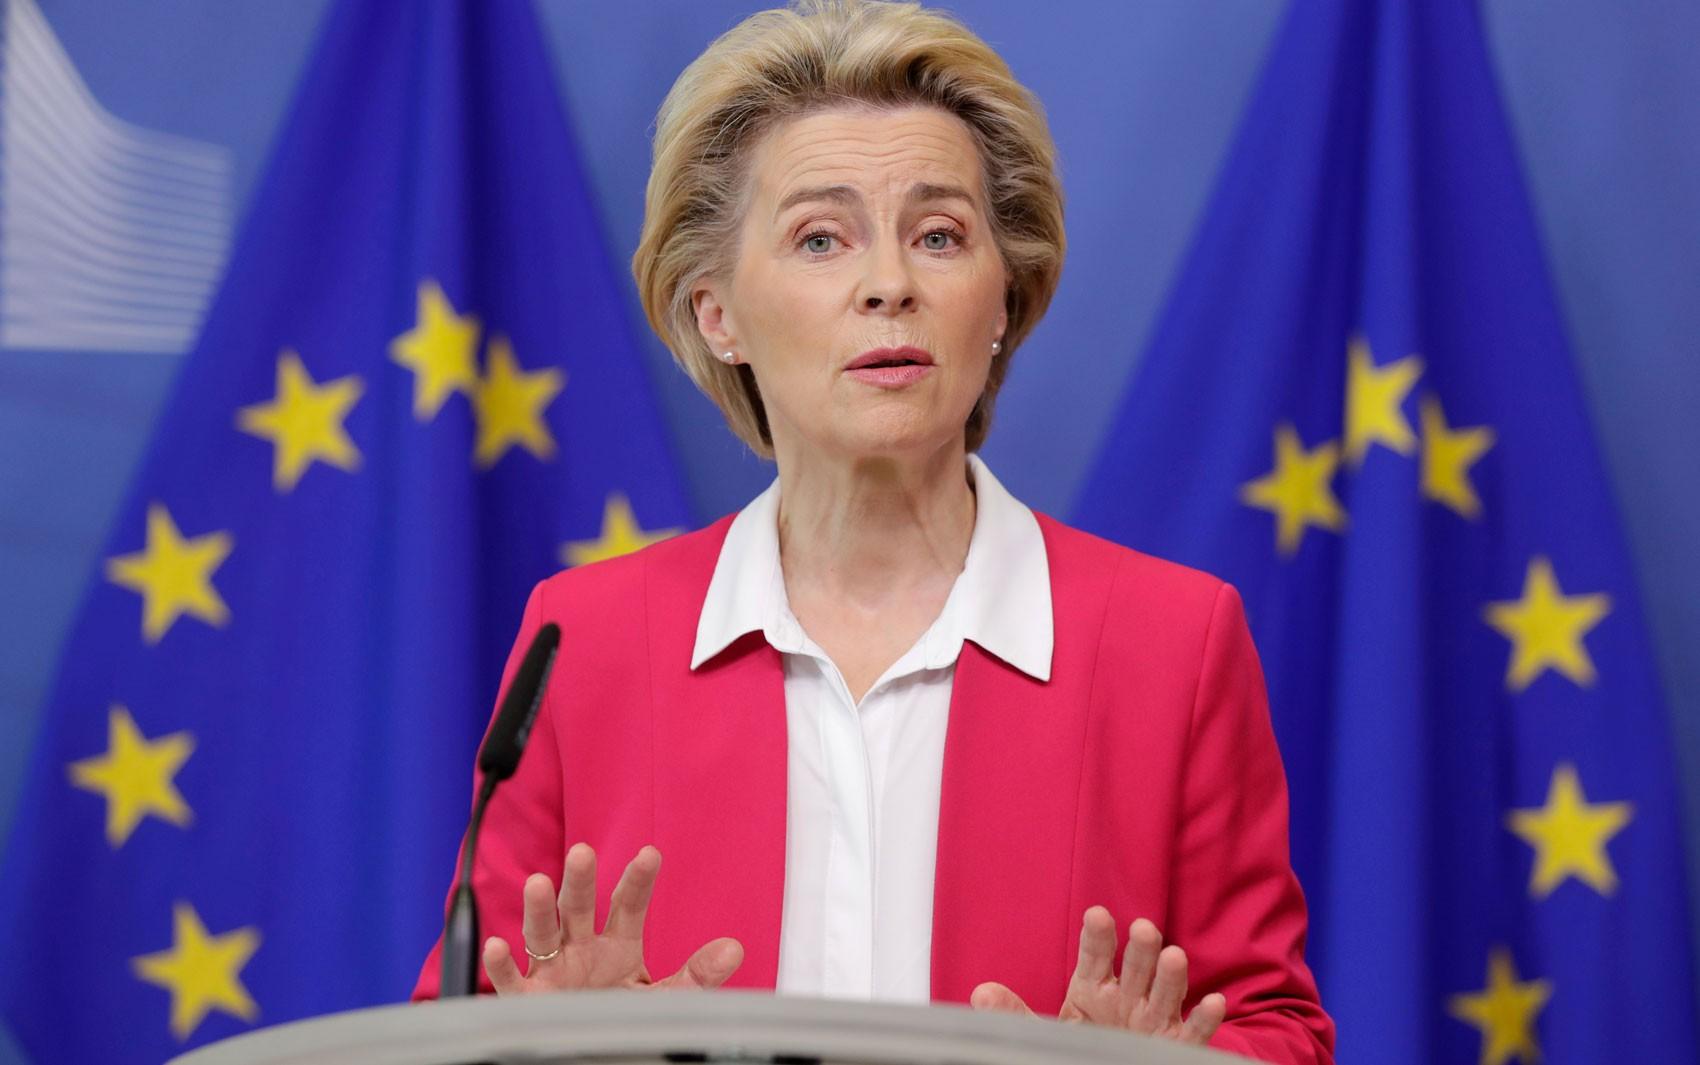 UE apresenta novo Pacto sobre Imigração e promete reforçar controles das fronteiras